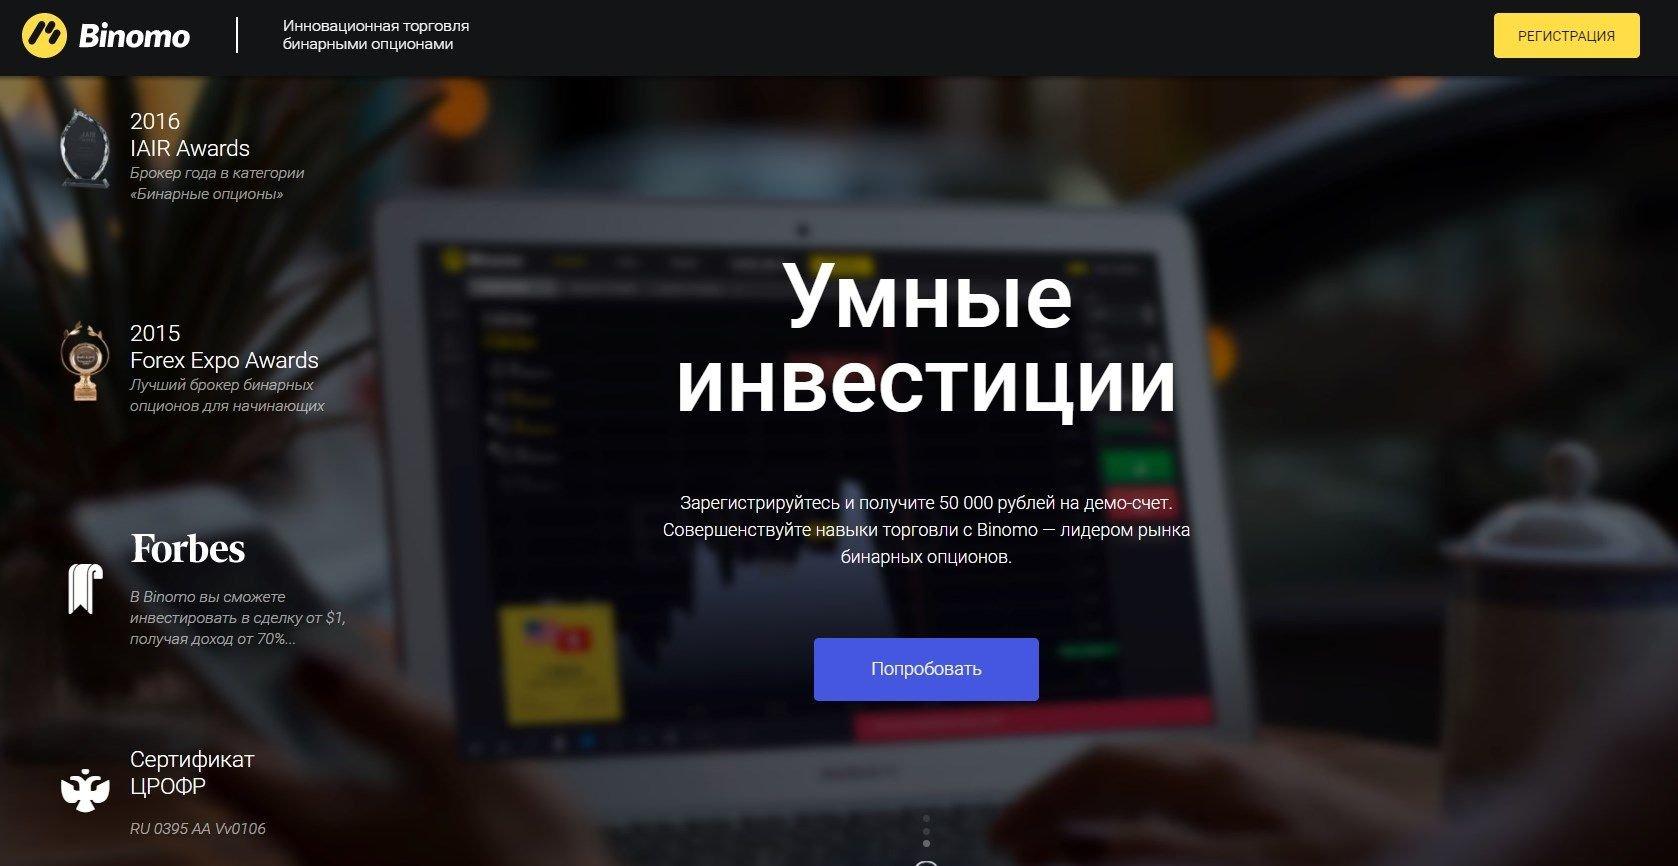 Биномо.com: опционы с выгодой до 100% бонусов